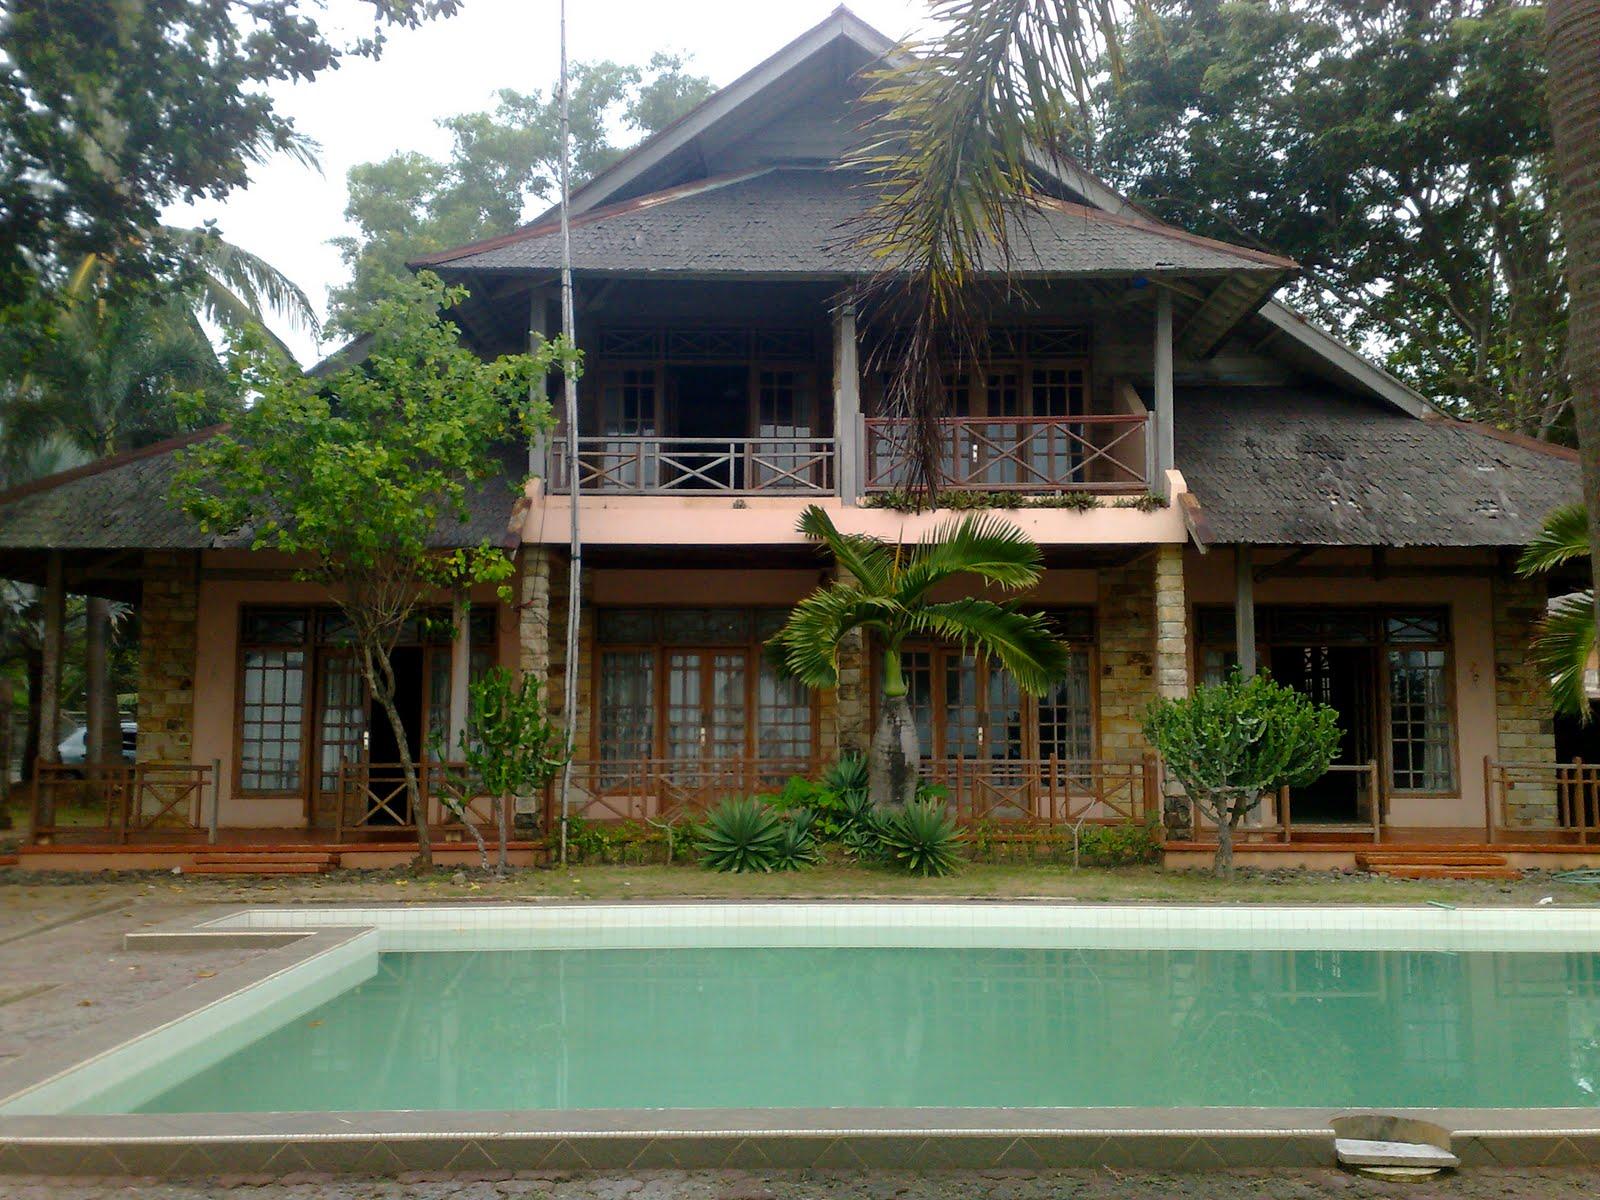 rumahcore villa 5 kamar di anyer rh rumahcore blogspot com villa di anyer yang murah dan bagus 2017 cottage di anyer yang murah